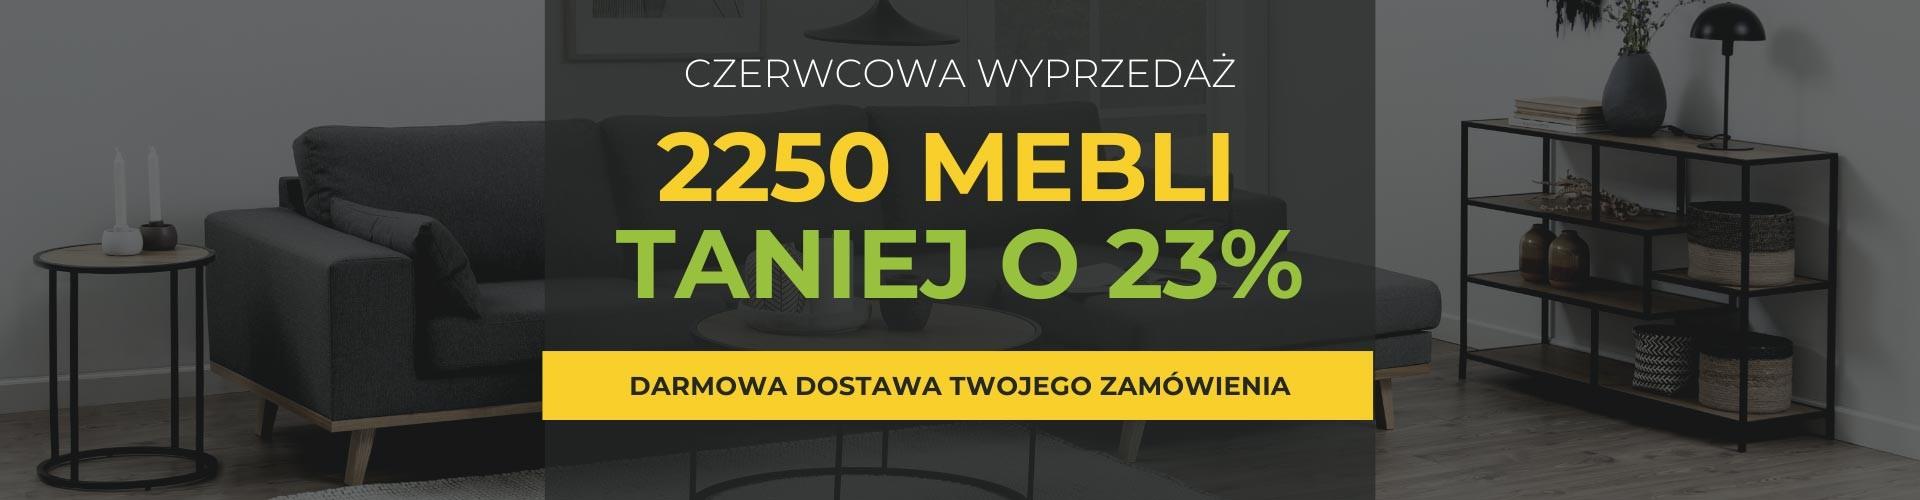 TANIEJ O 23 PROCENT